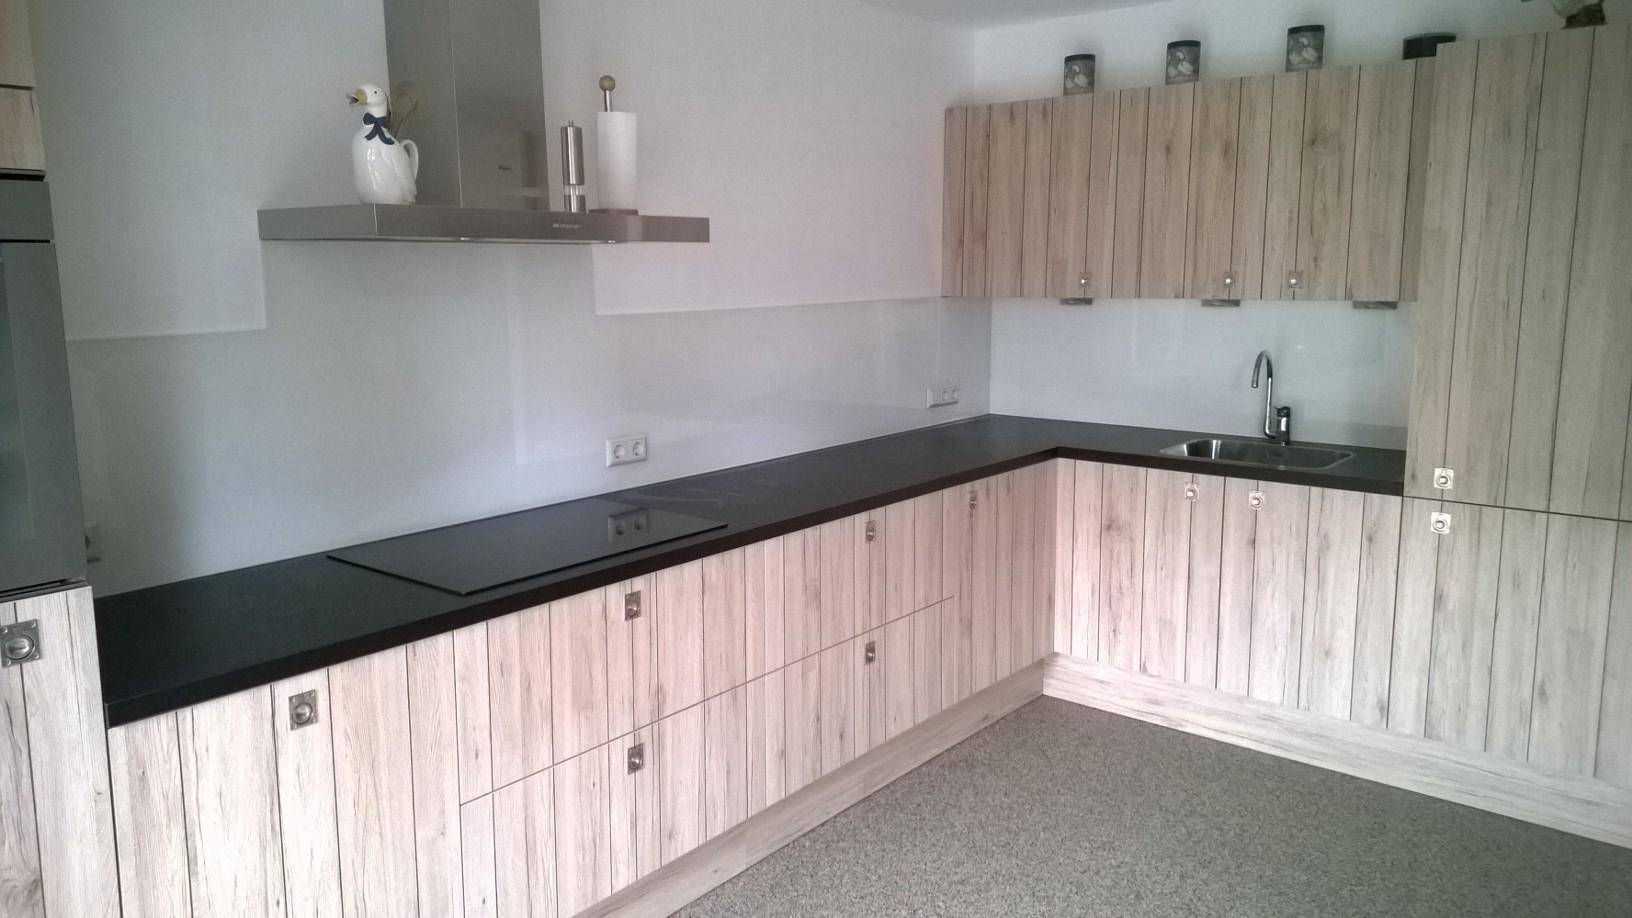 Keuken Achterwand Foto : Achterwanden van de breevaart keuken sanitair bergen op zoom e o